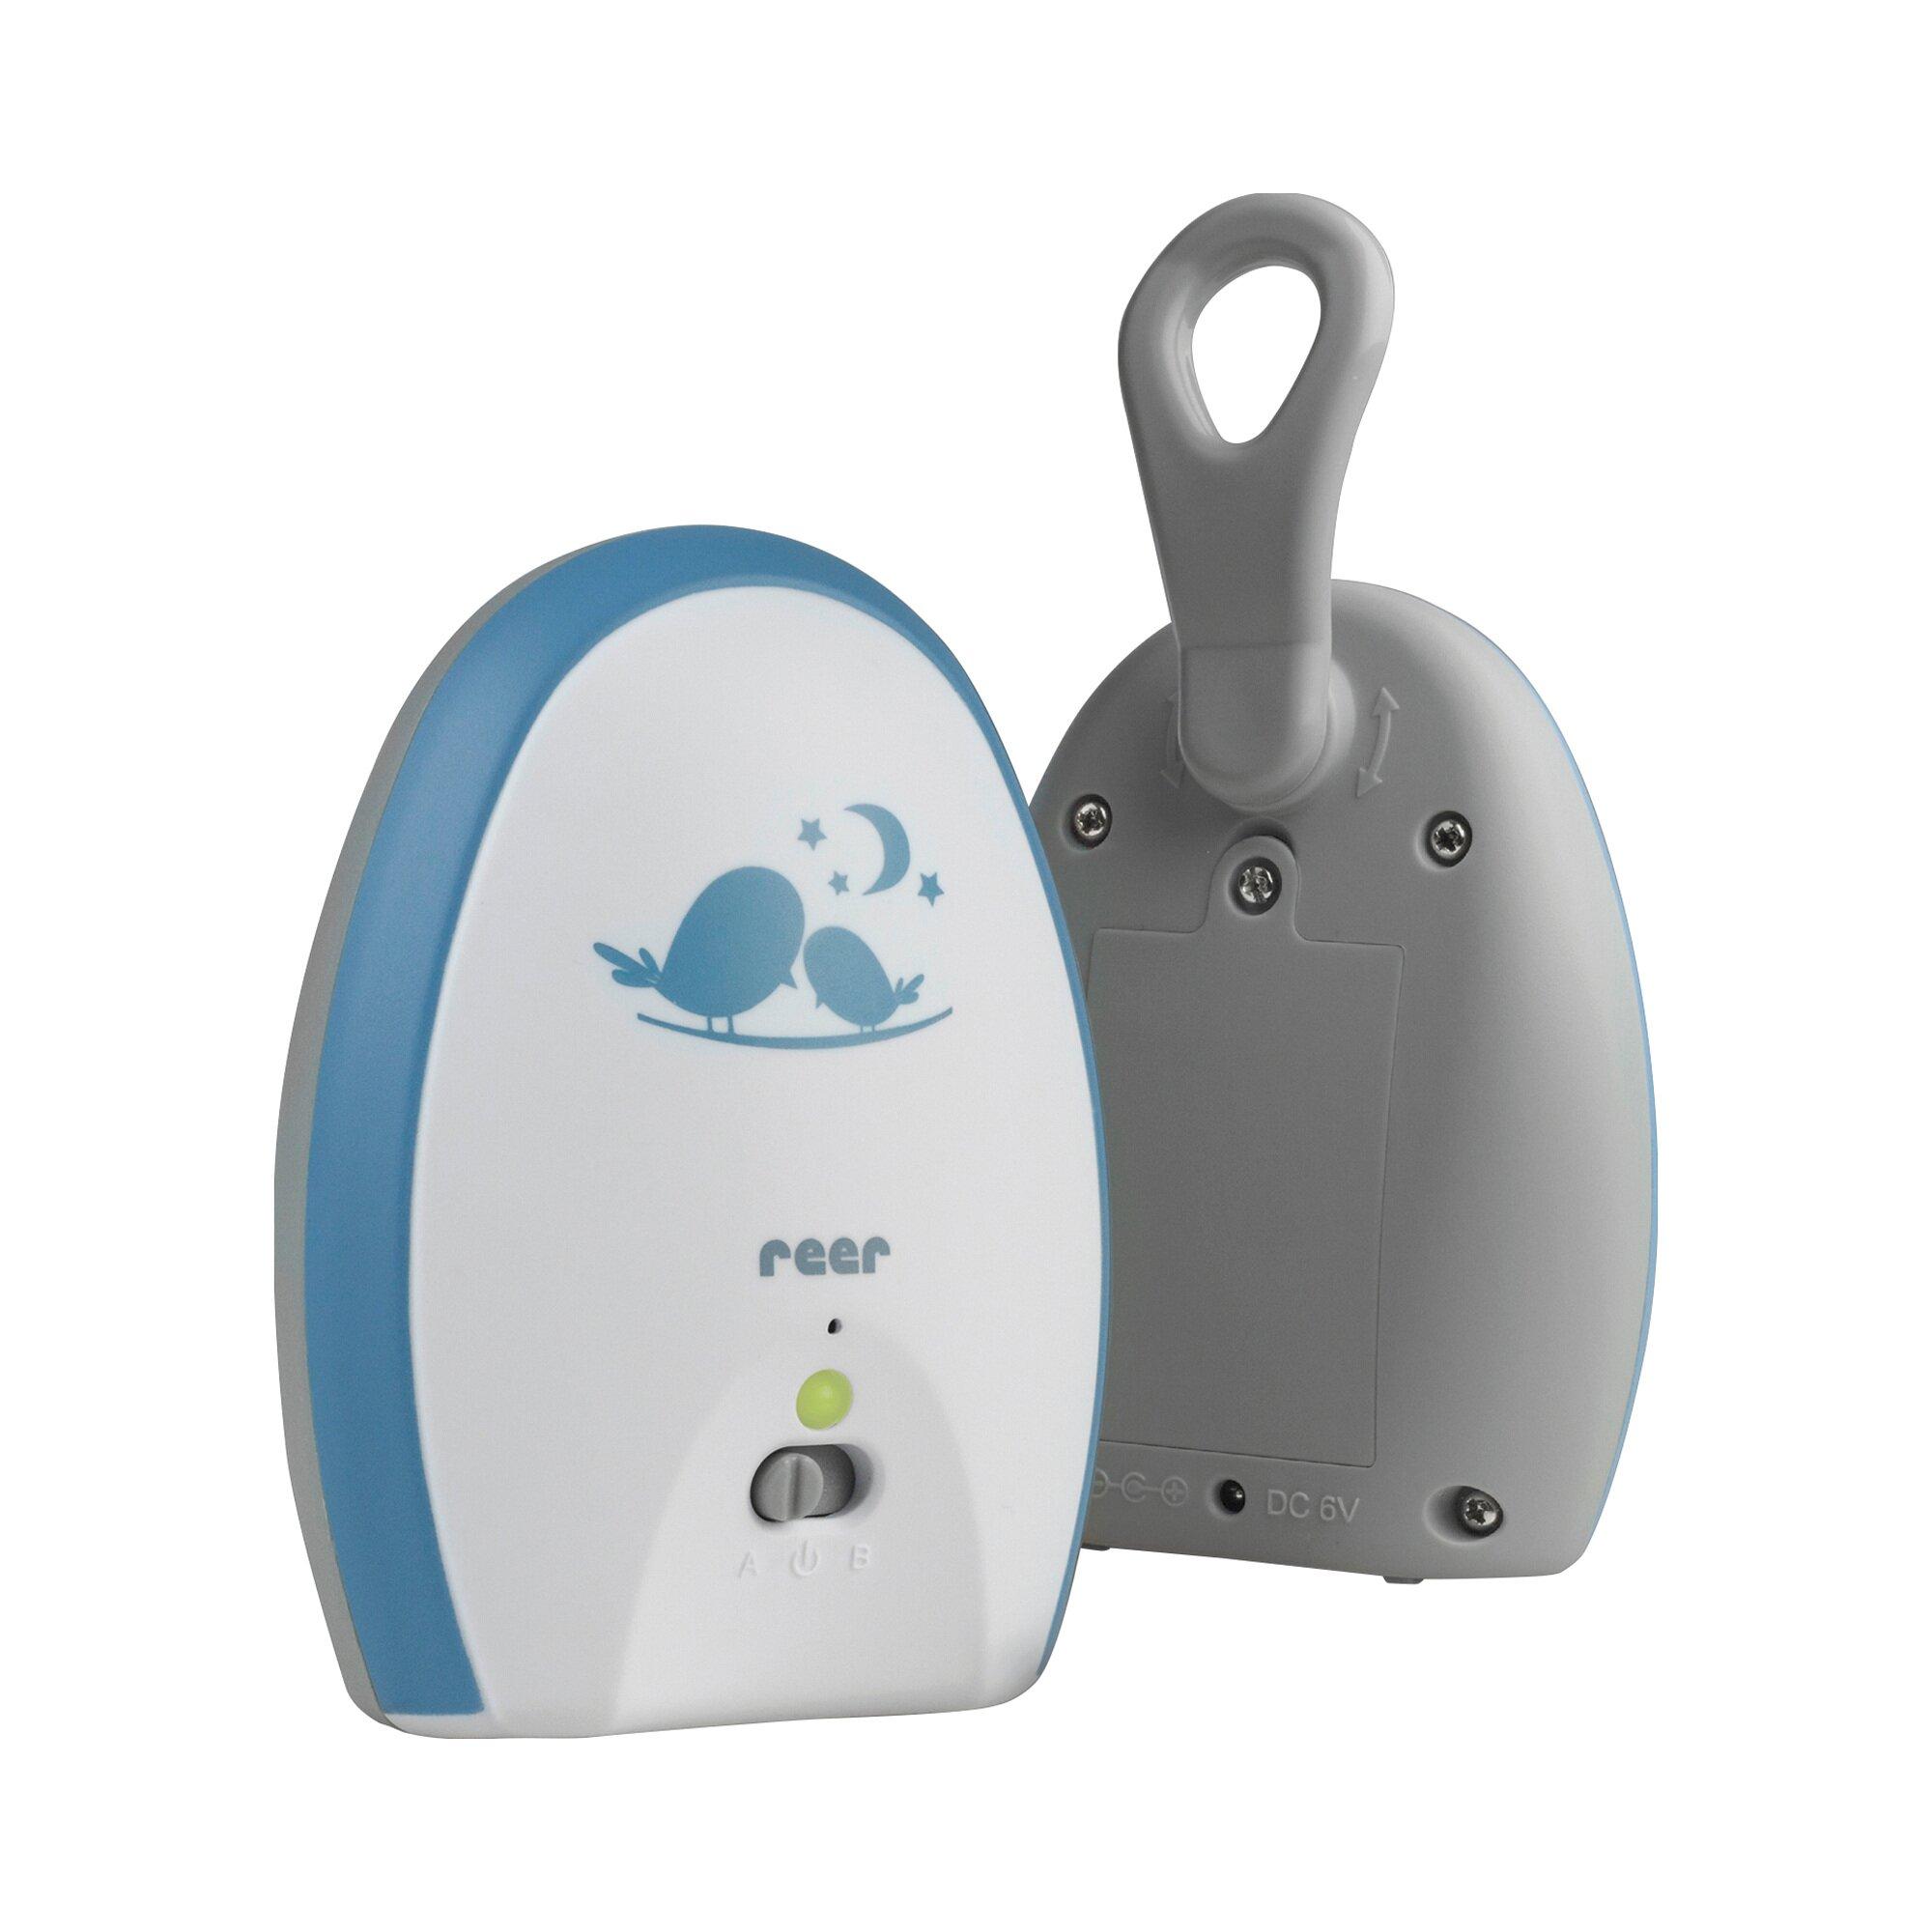 reer-babyphone-neo-200-mit-analoger-2-kanaltechnik-weiss